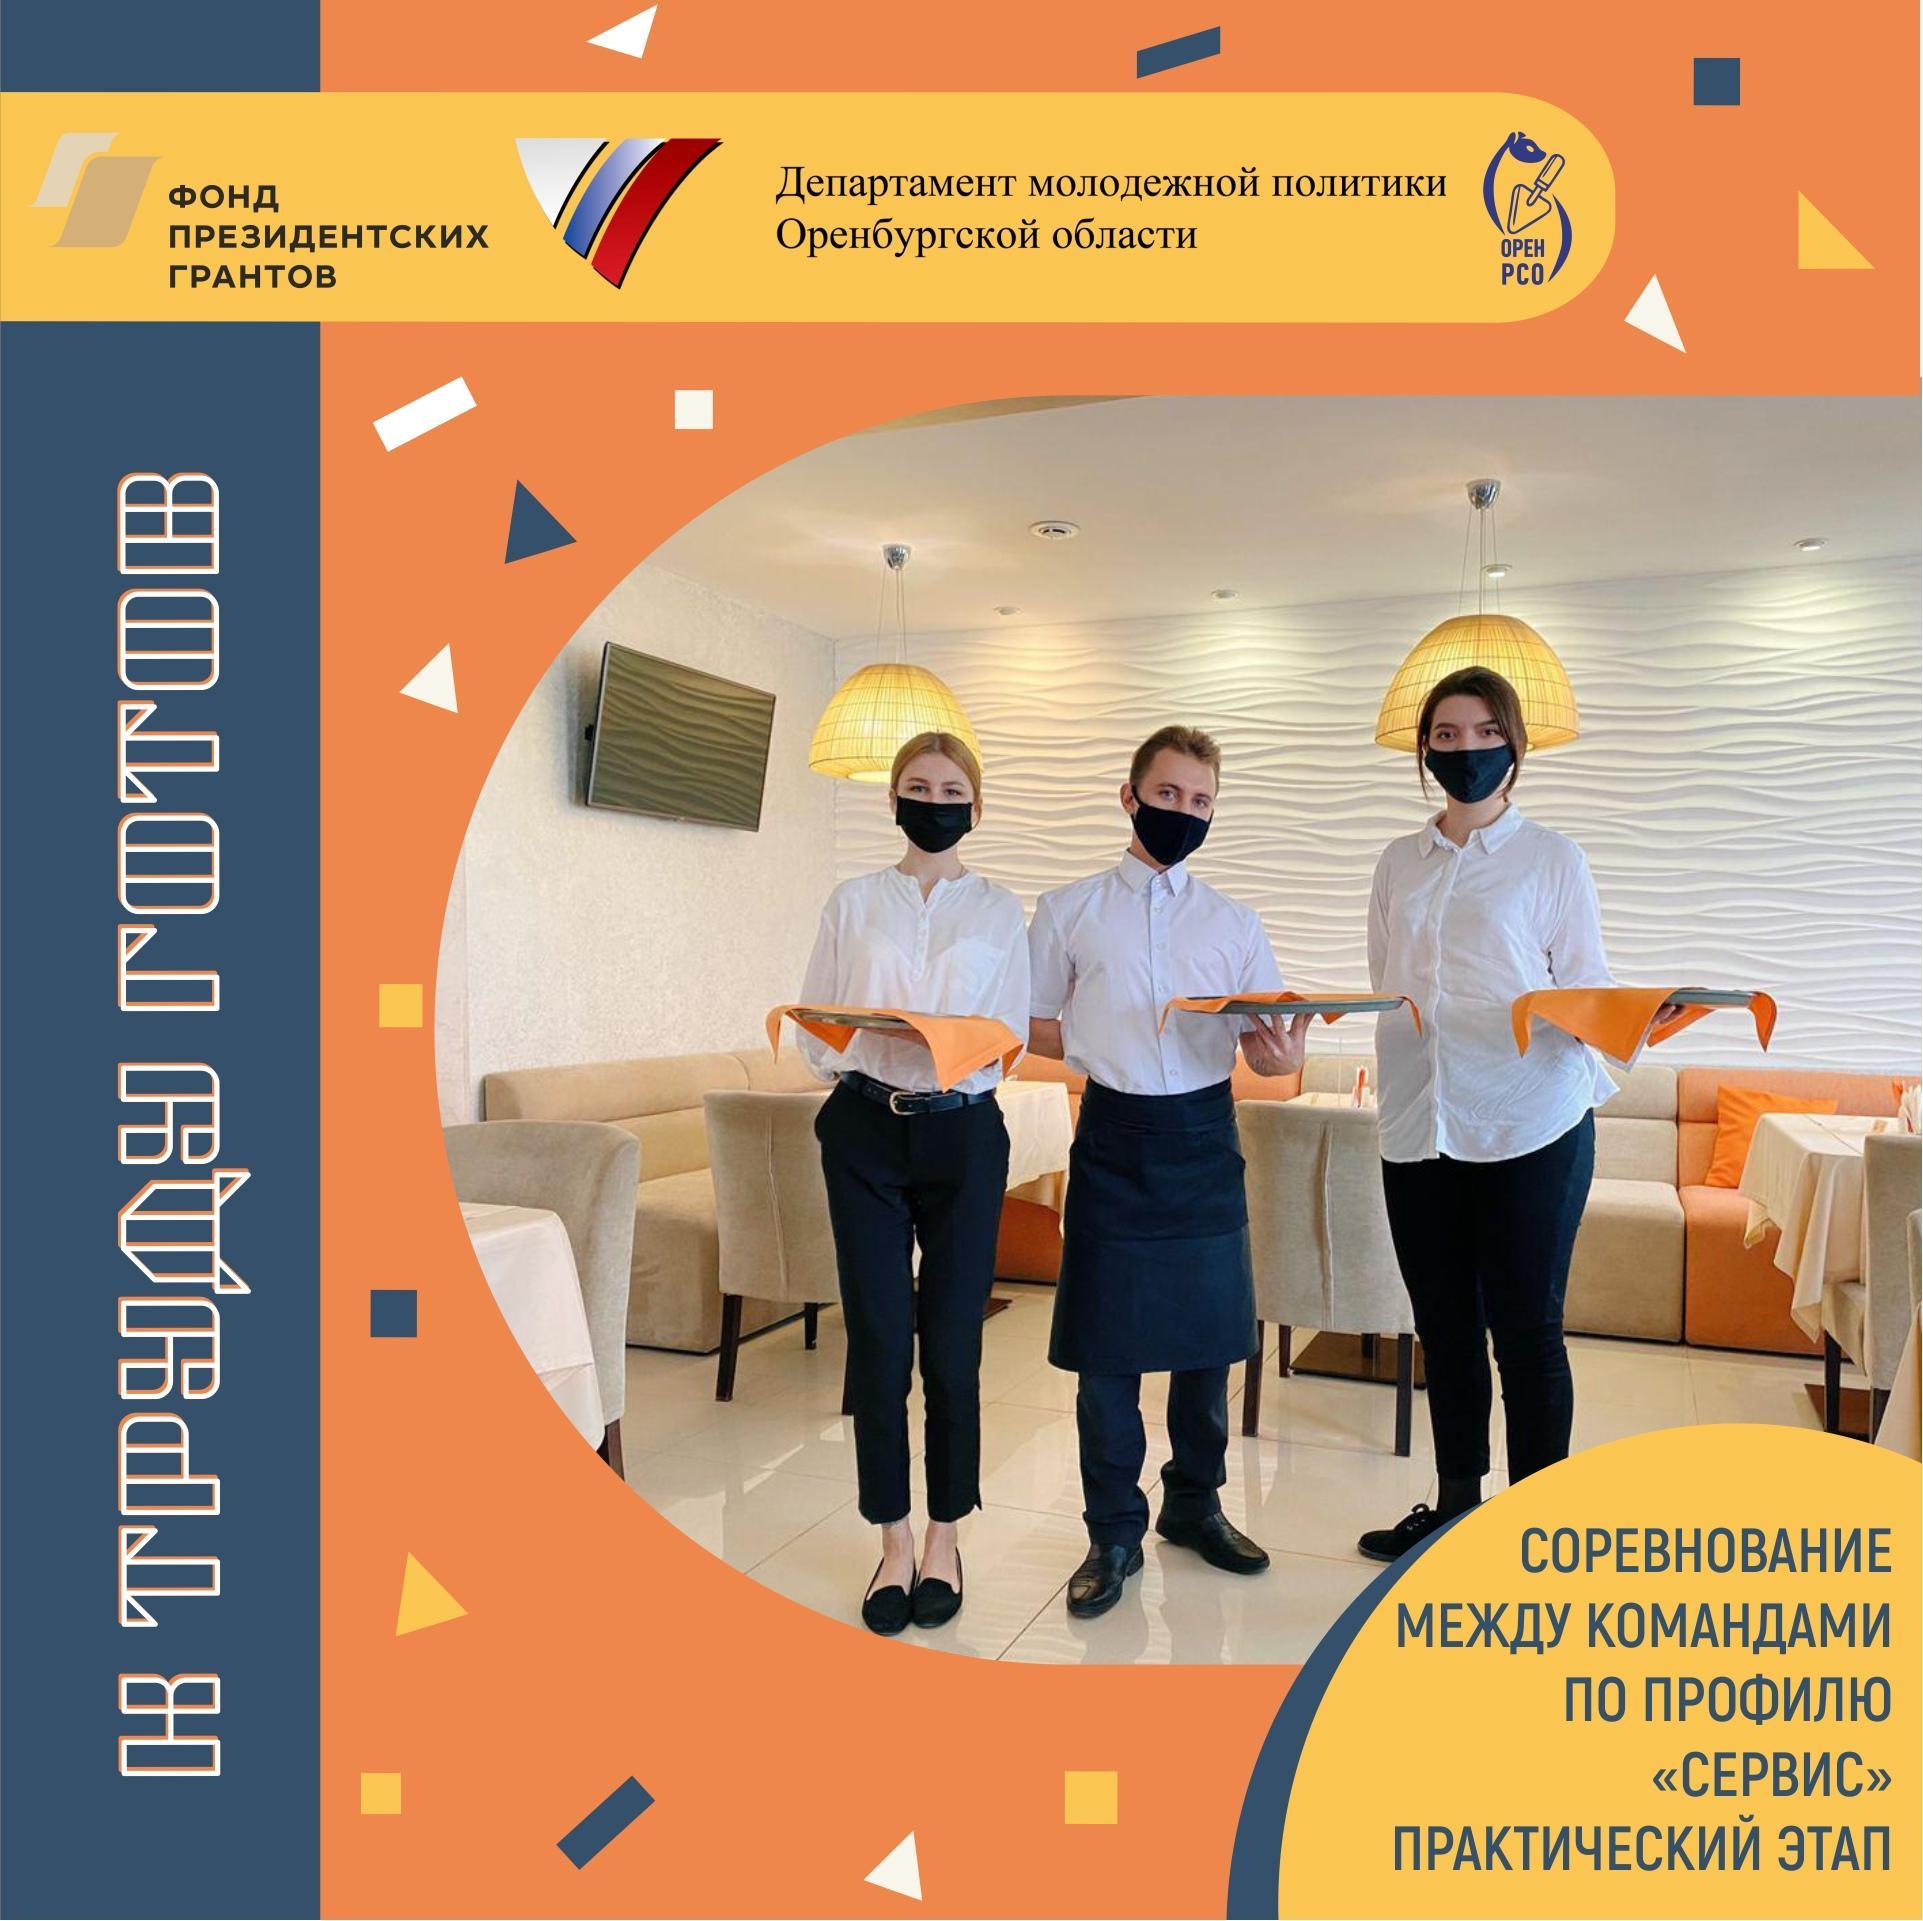 Провели практический этап соревнования студенческих команд «К труду готов» по профилю «Сервис»